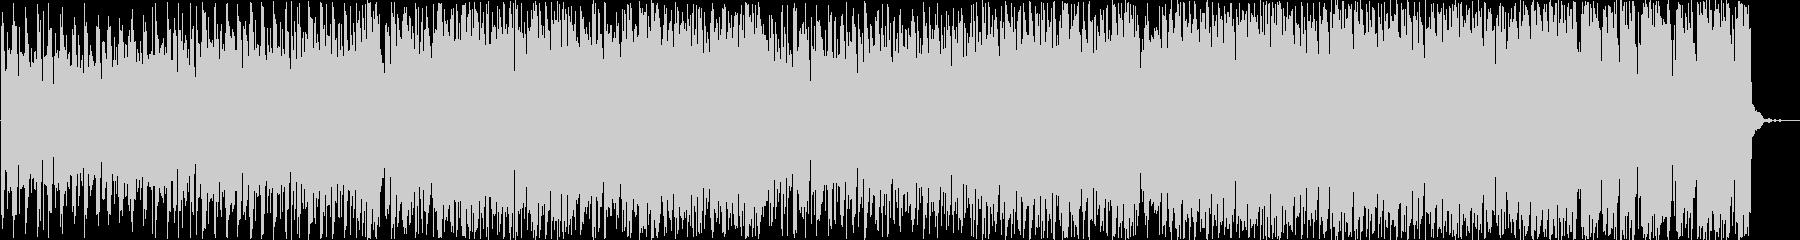 テンポ早めの縦ノリEDMの未再生の波形